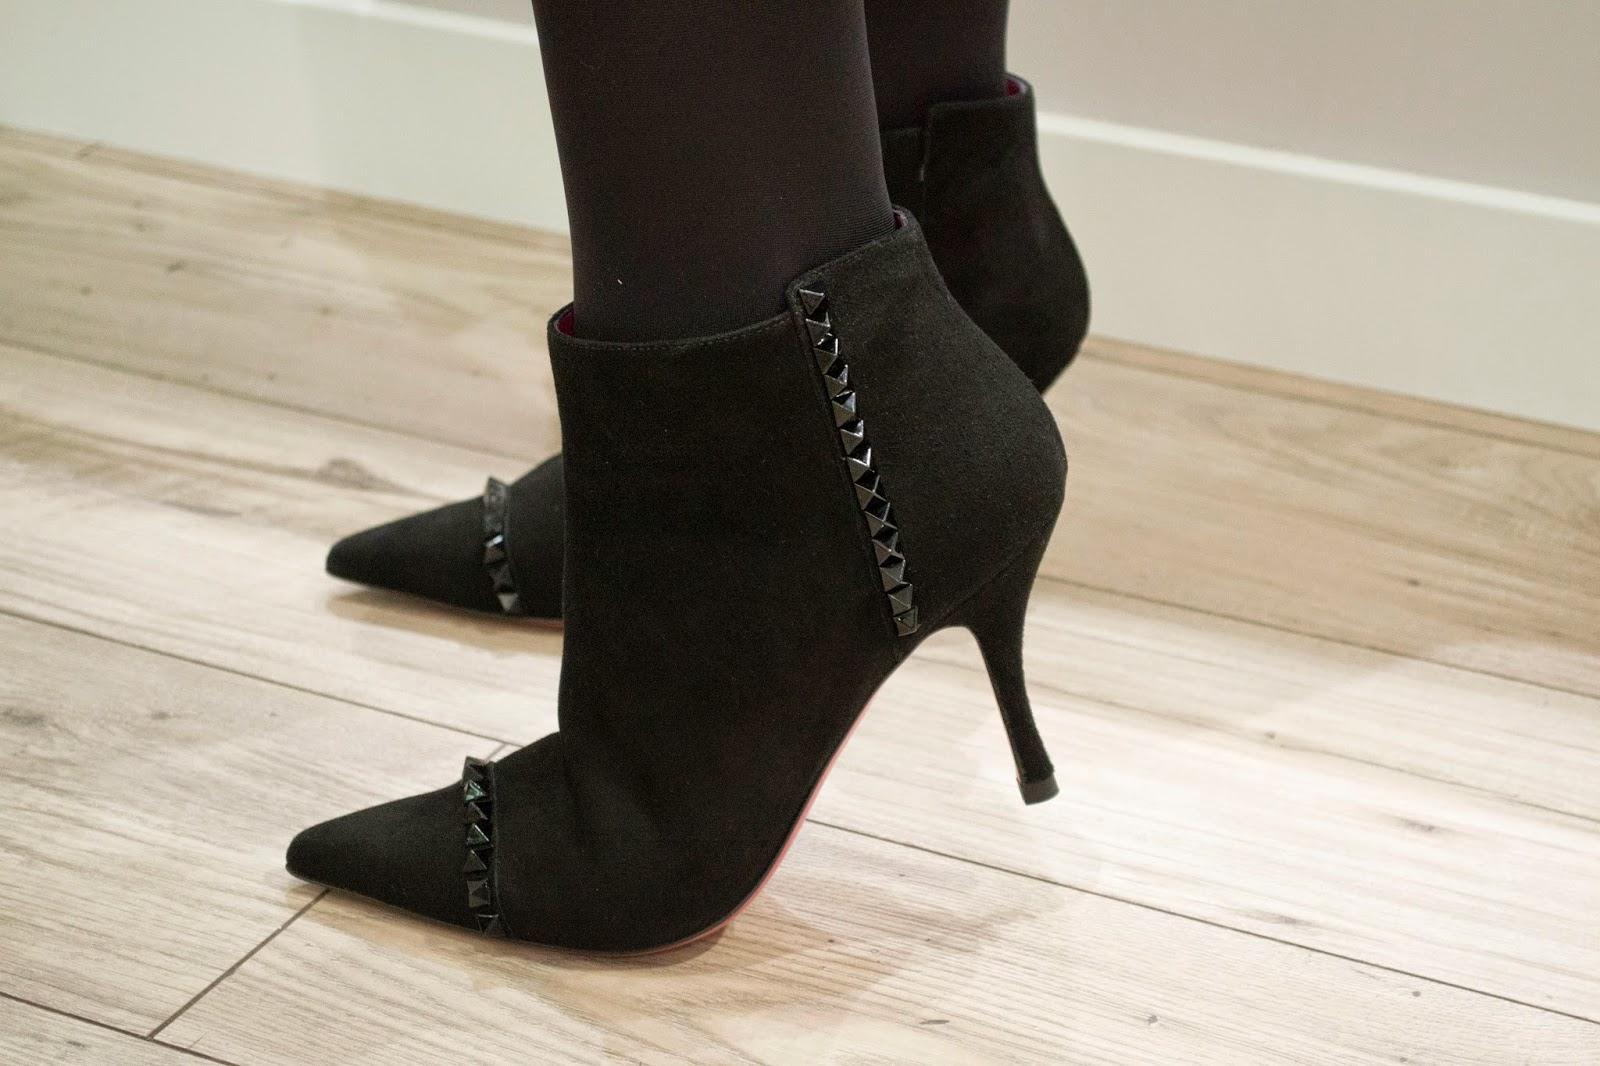 imagenes de tiendas de zapatos - Sandalias Tienda Virtual de Moda, Zapatos, Zapatillas